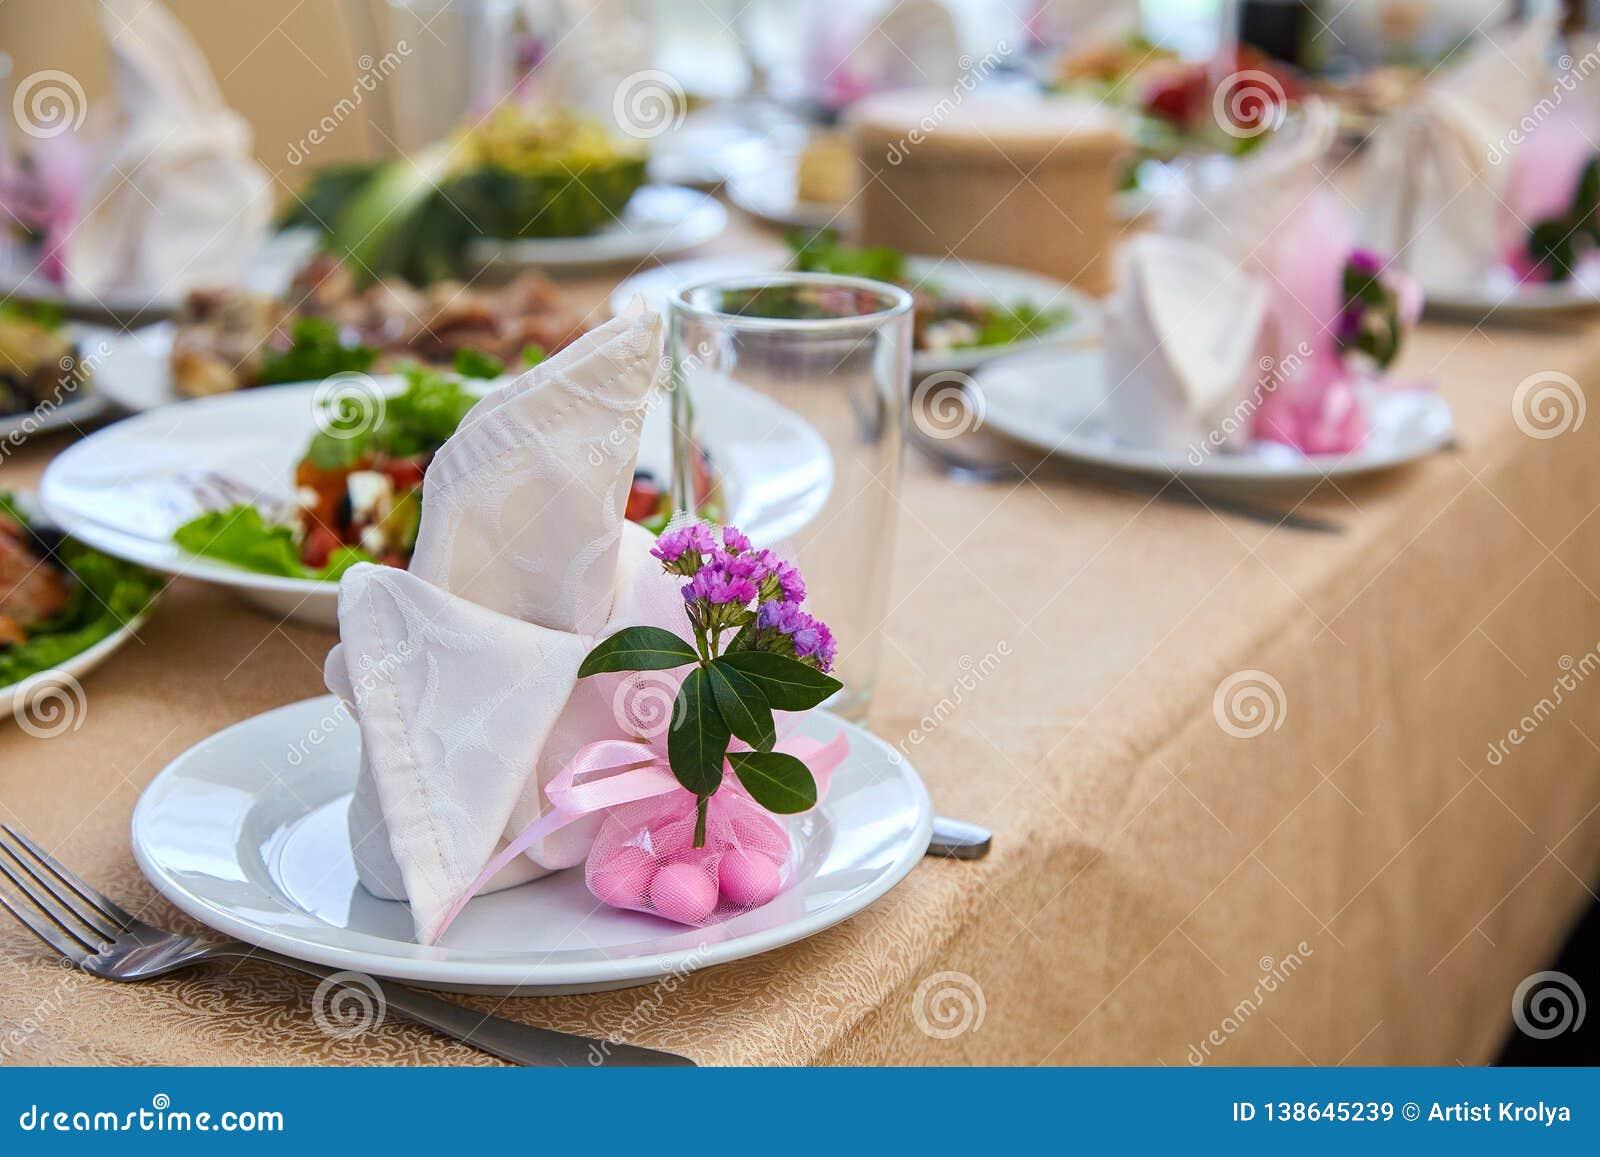 Gifta sig tabellinställningen för fint äta middag eller en annan skött om händelse